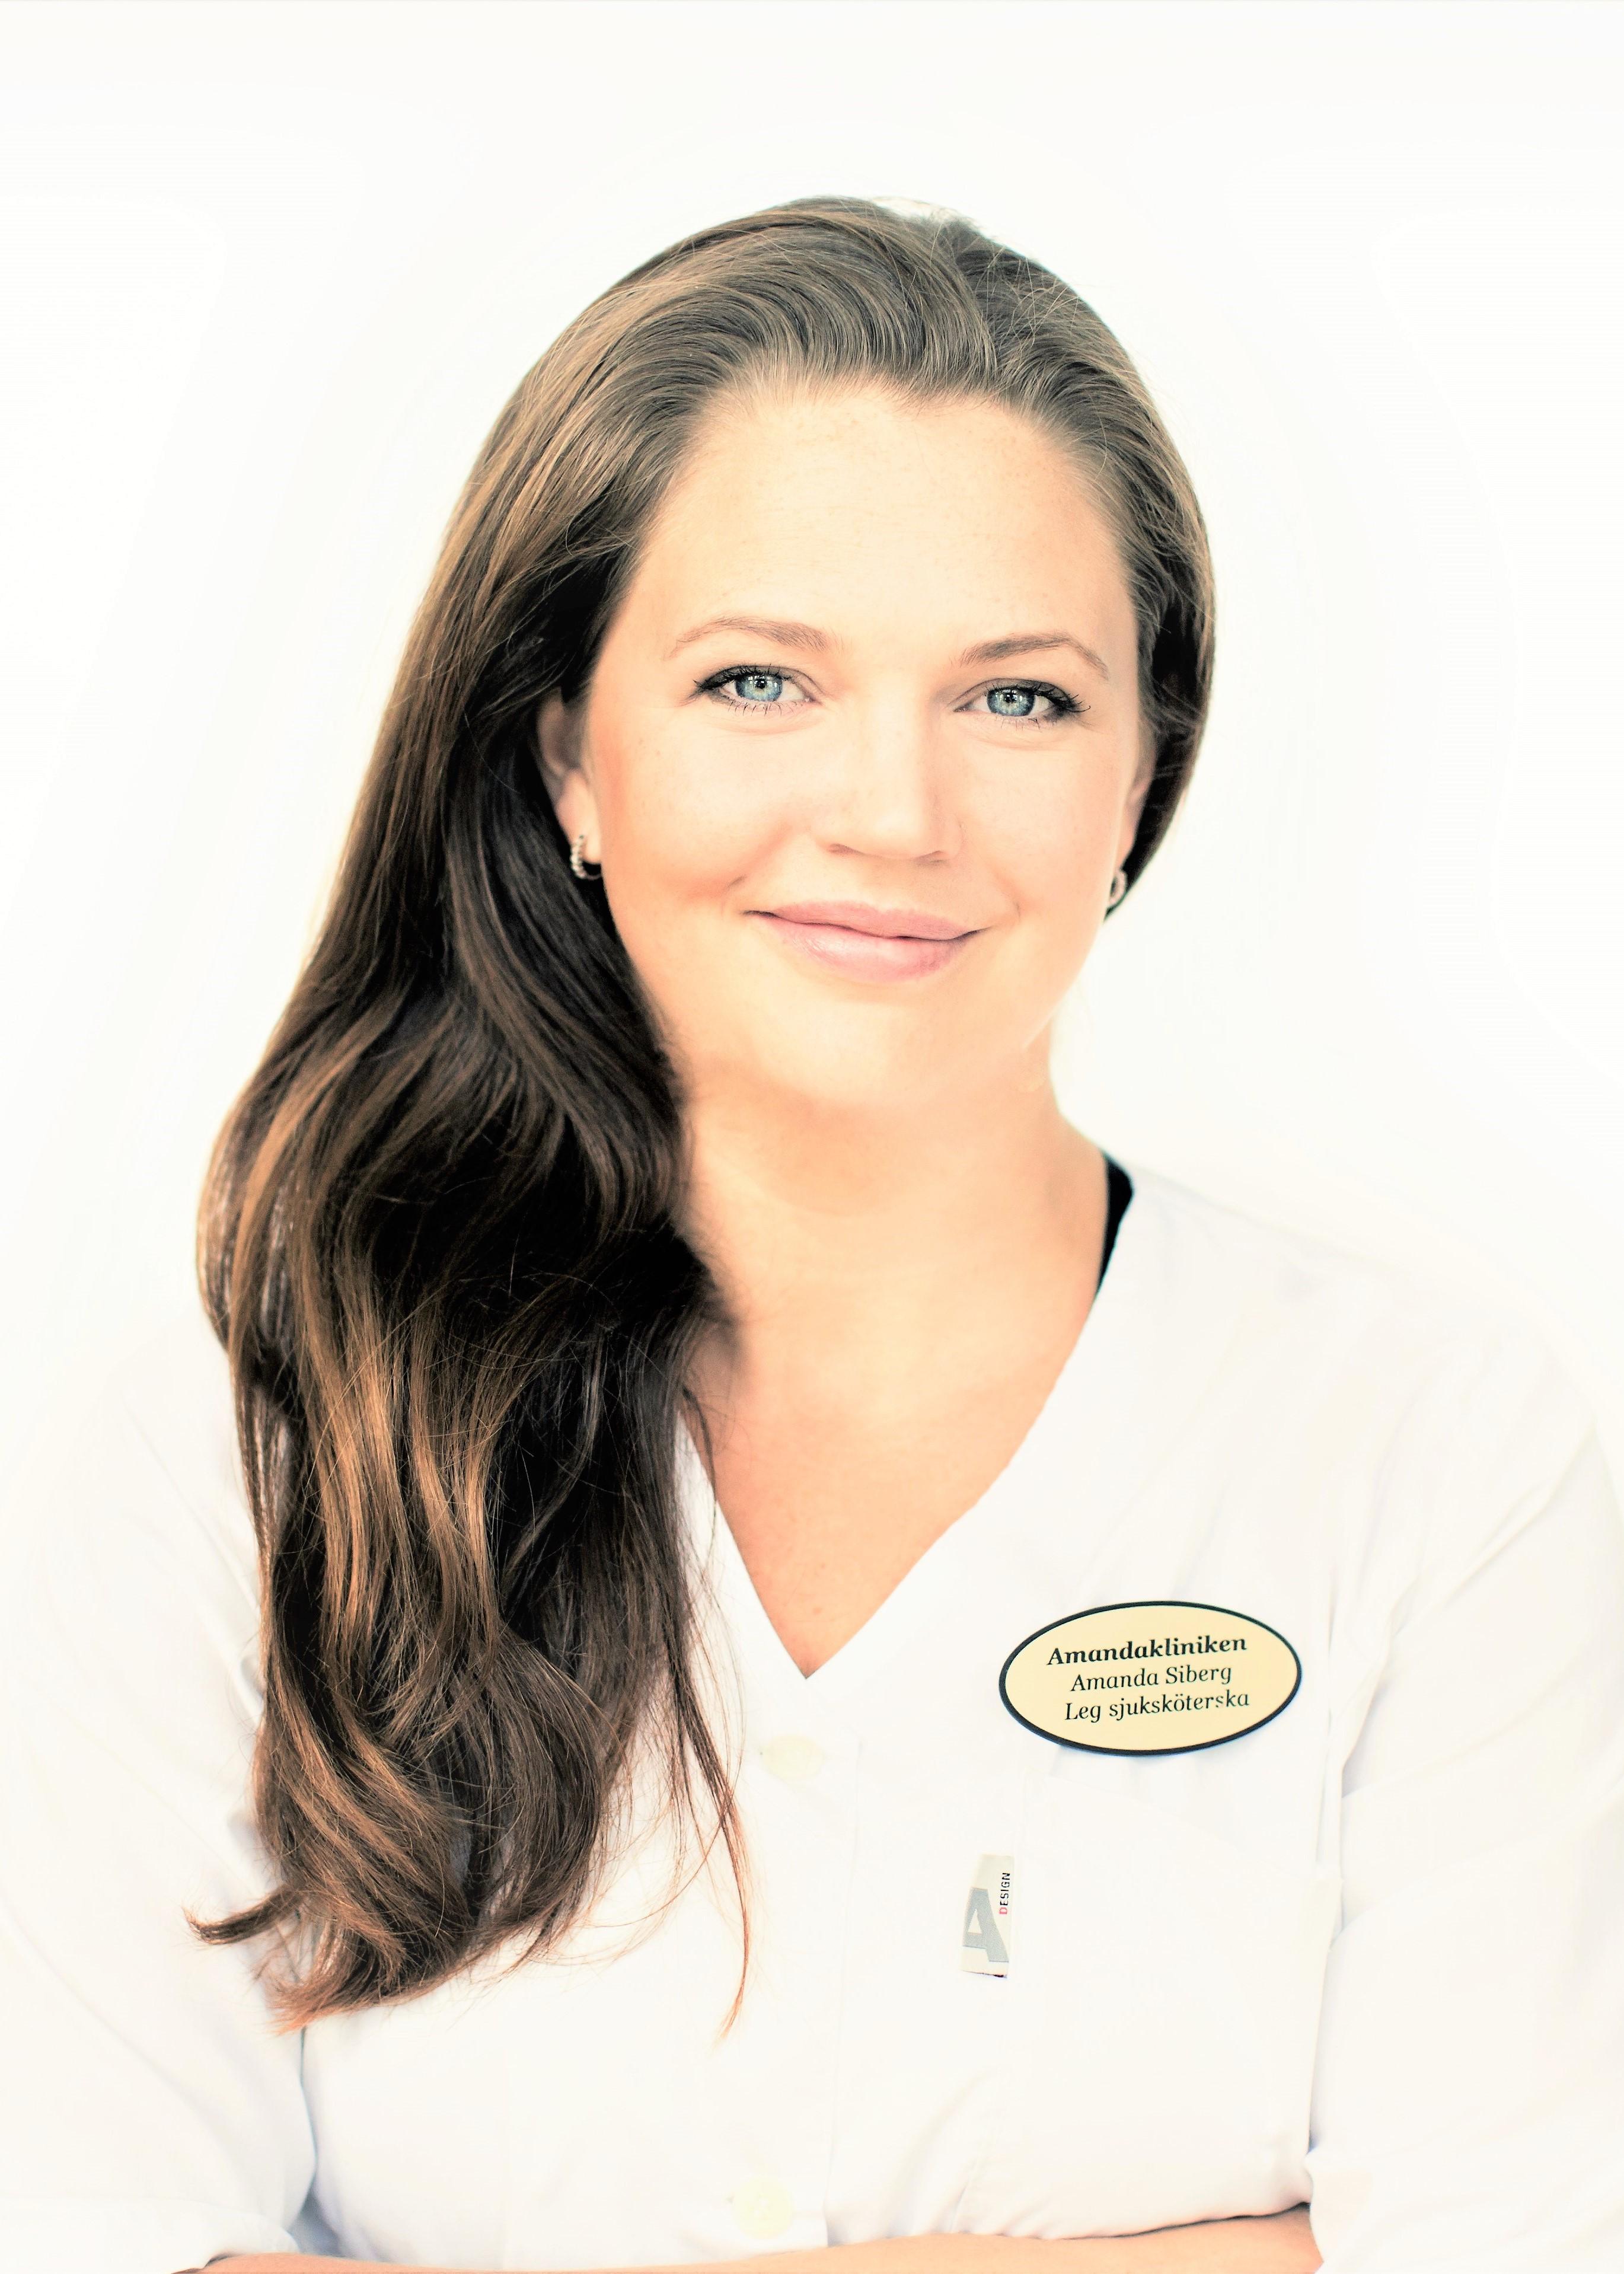 Amanda Siberg är legitimerad sjuksköterska och specialist inom estetiska behandlingar utan kirurgiska ingrepp